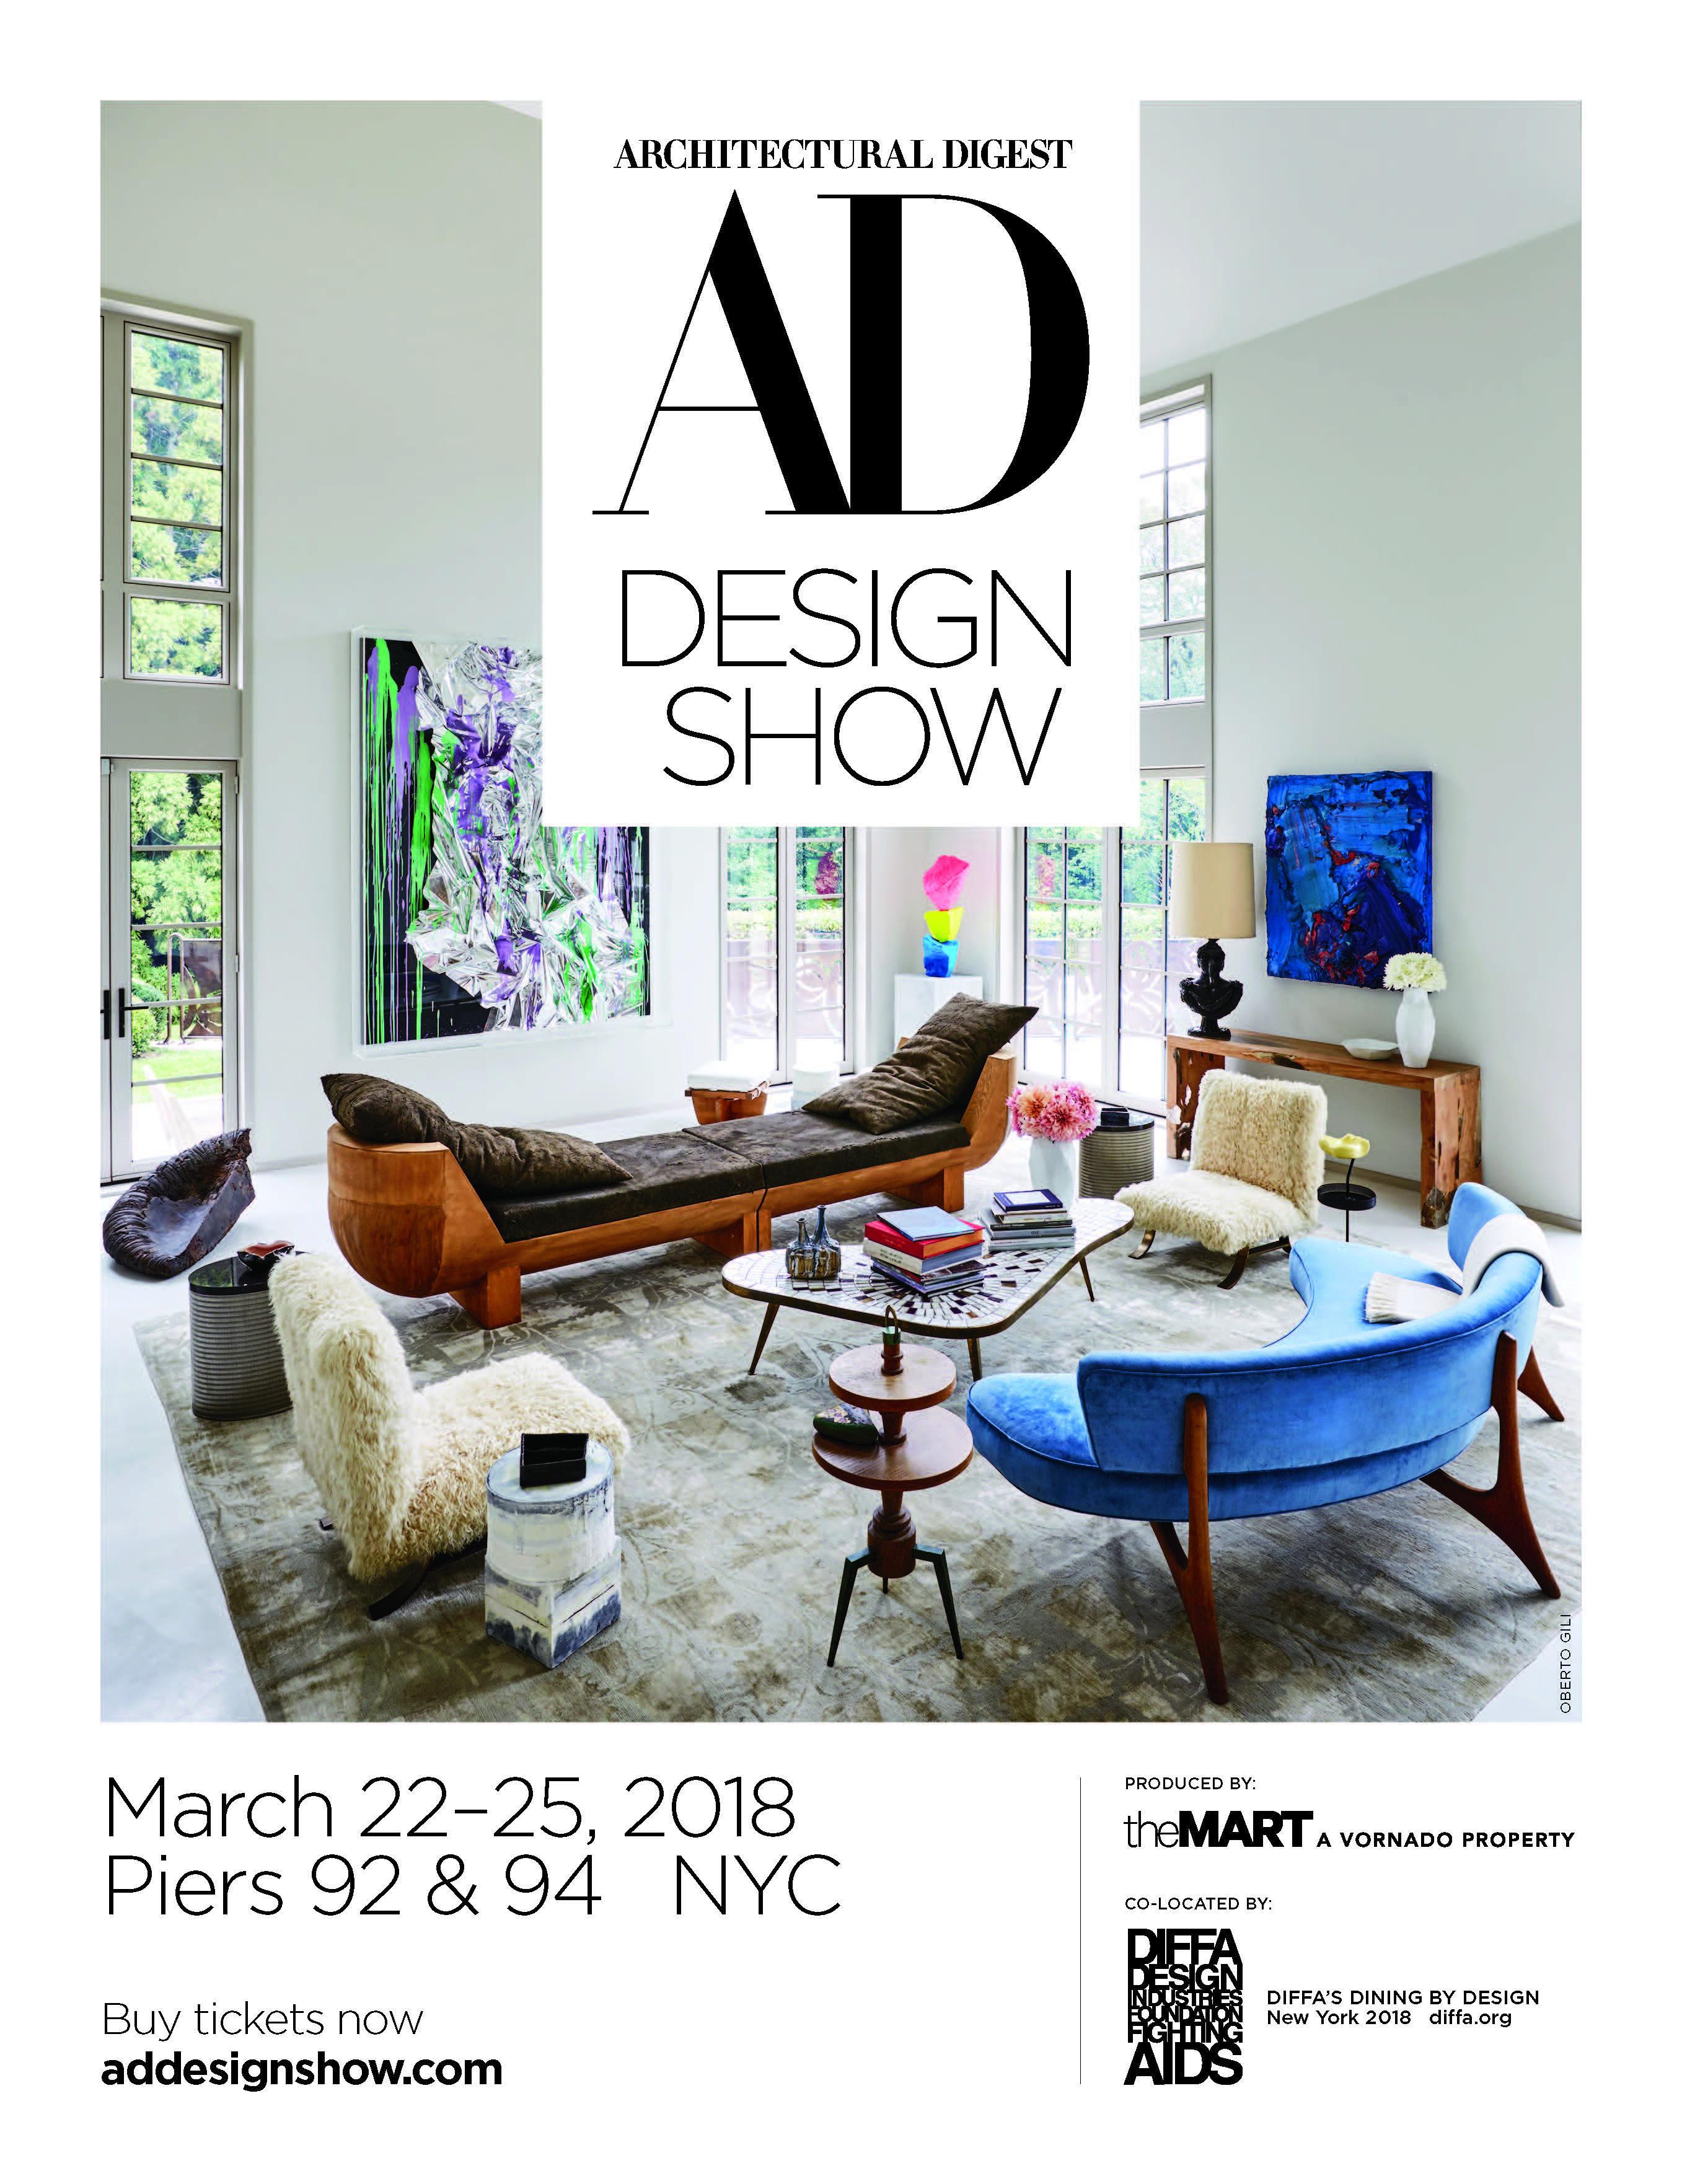 Architectural Digest Interior Design Show